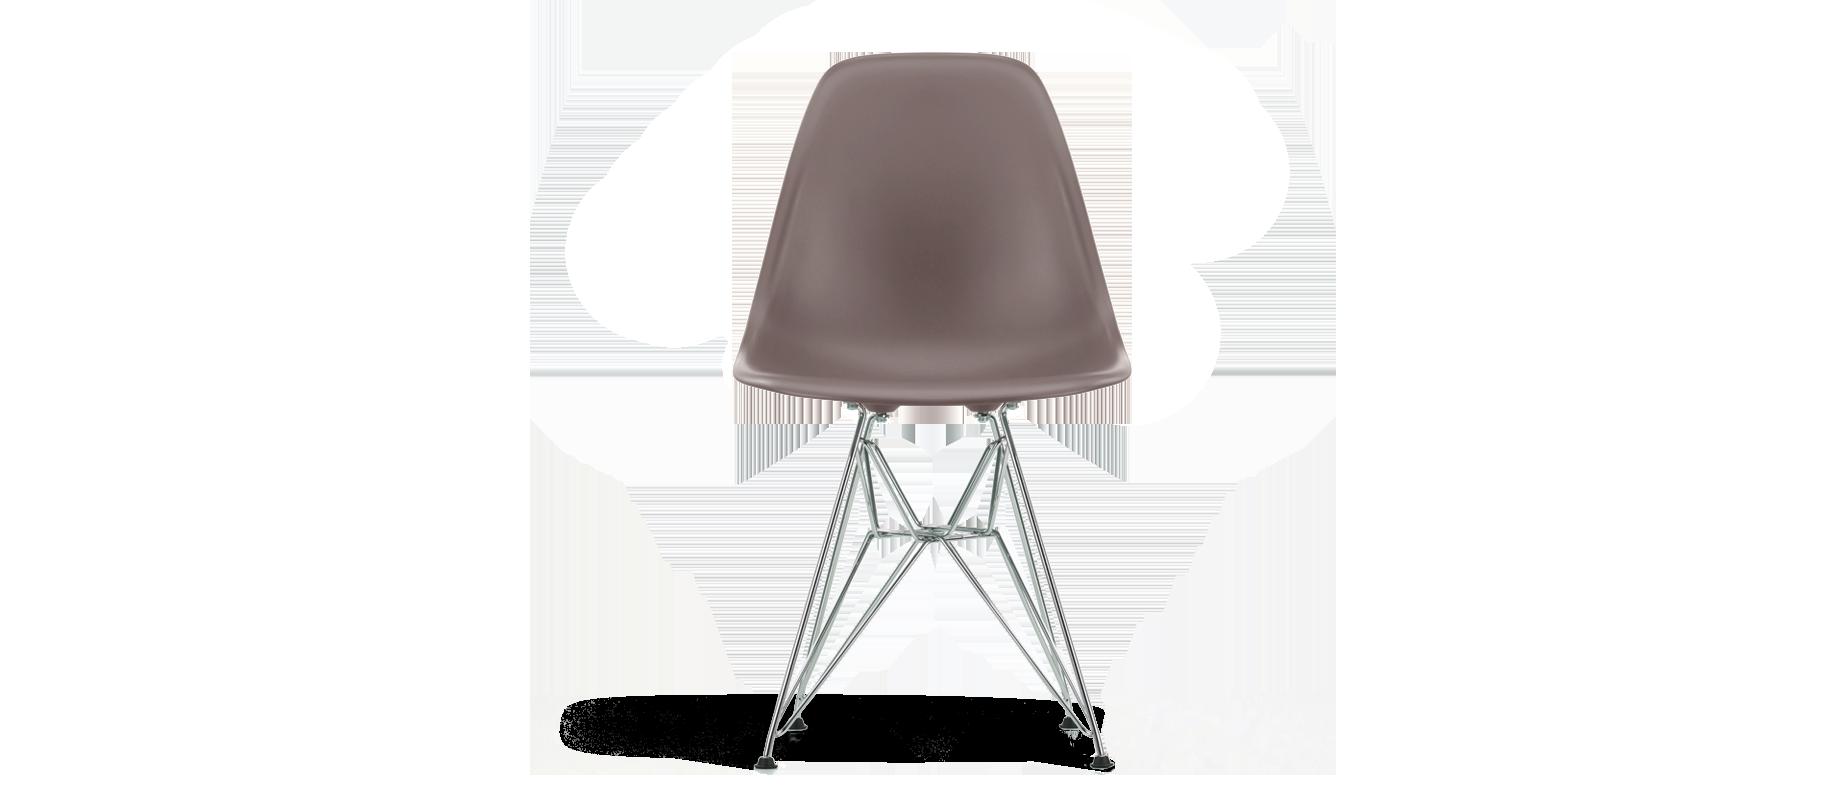 Buy cheap chaise longue 100 chaise antique antique wooden - Chaise longue a bascule ...